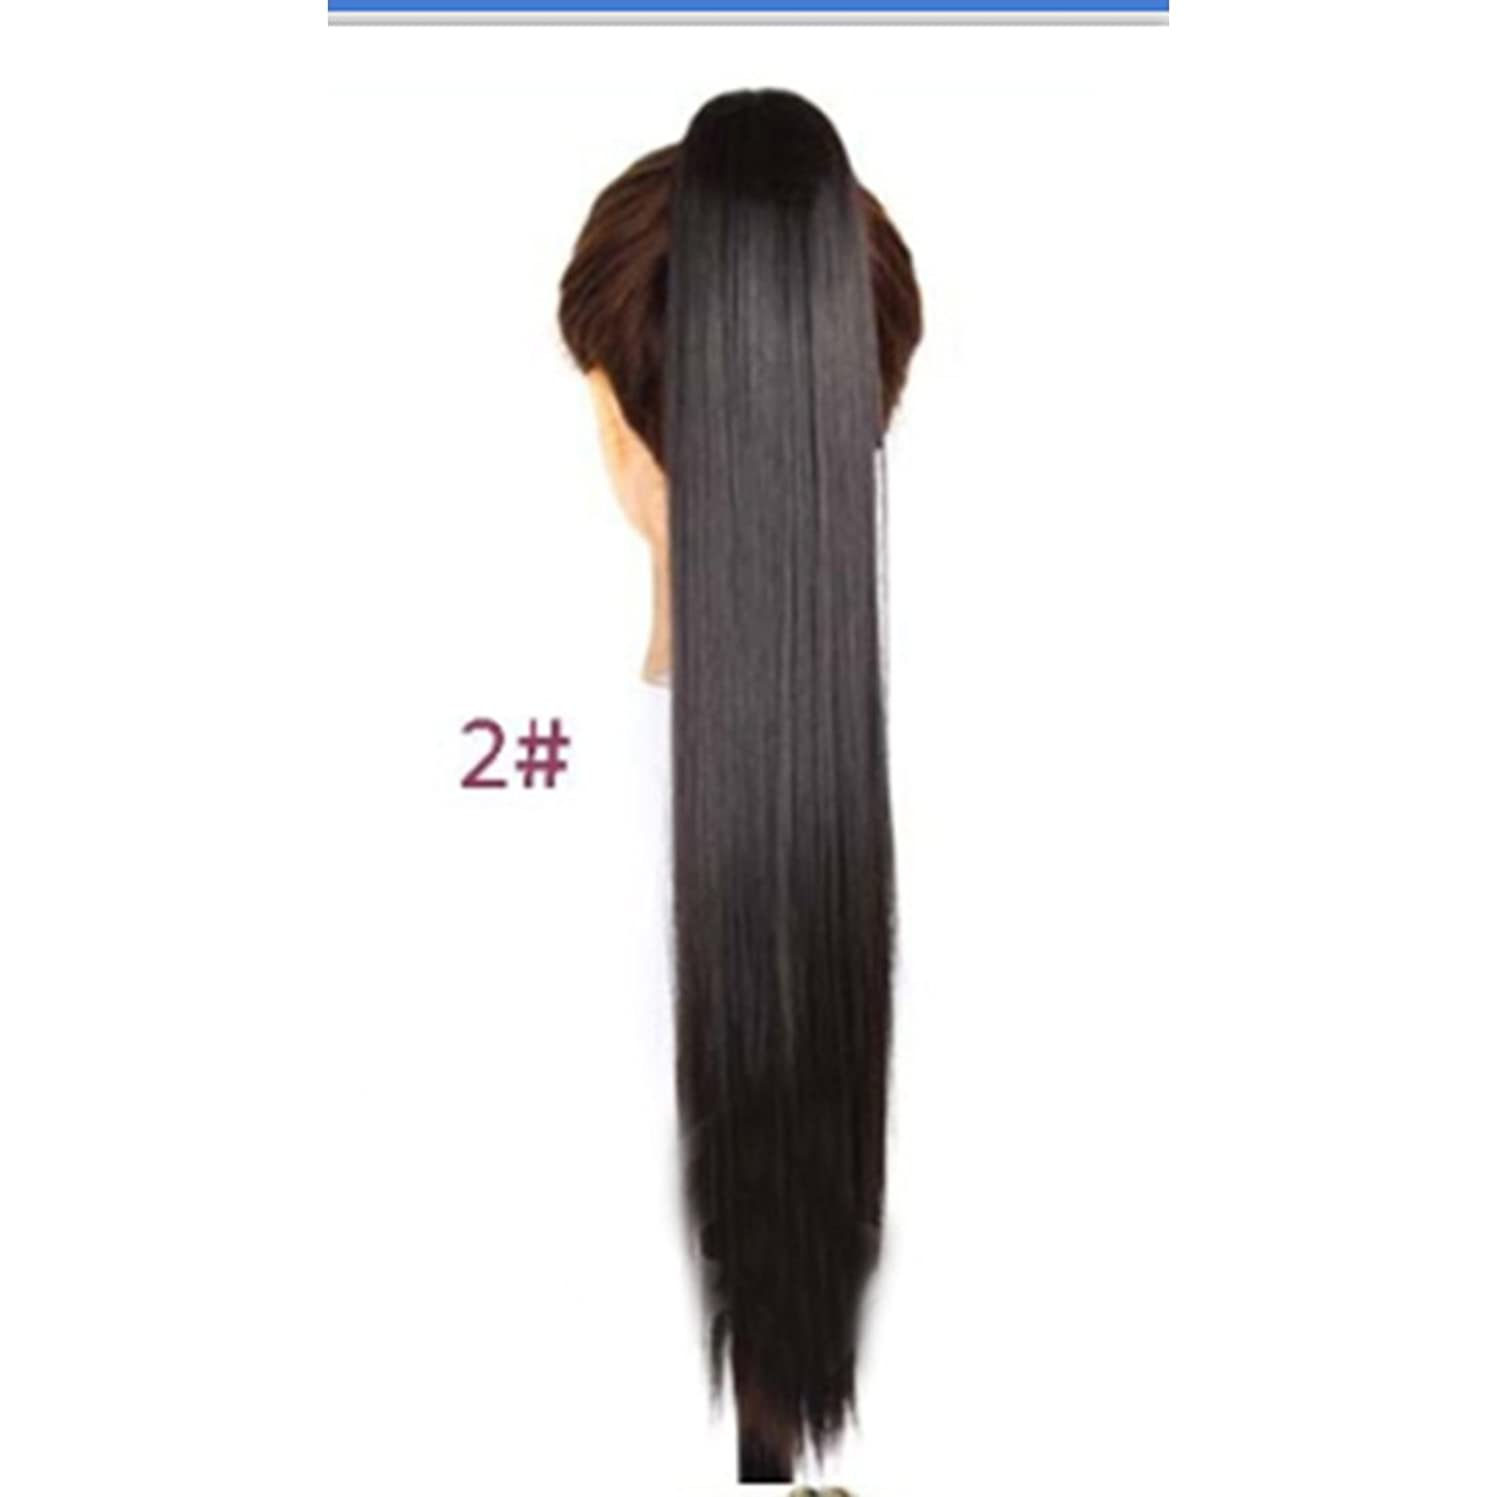 忠実に保証寂しいJIANFU 女性のための24inch / 150g合成高温ヘアピースの長さストレートポニーテール爪クリップロングストレートヘアエクステンション (Color : 2#)